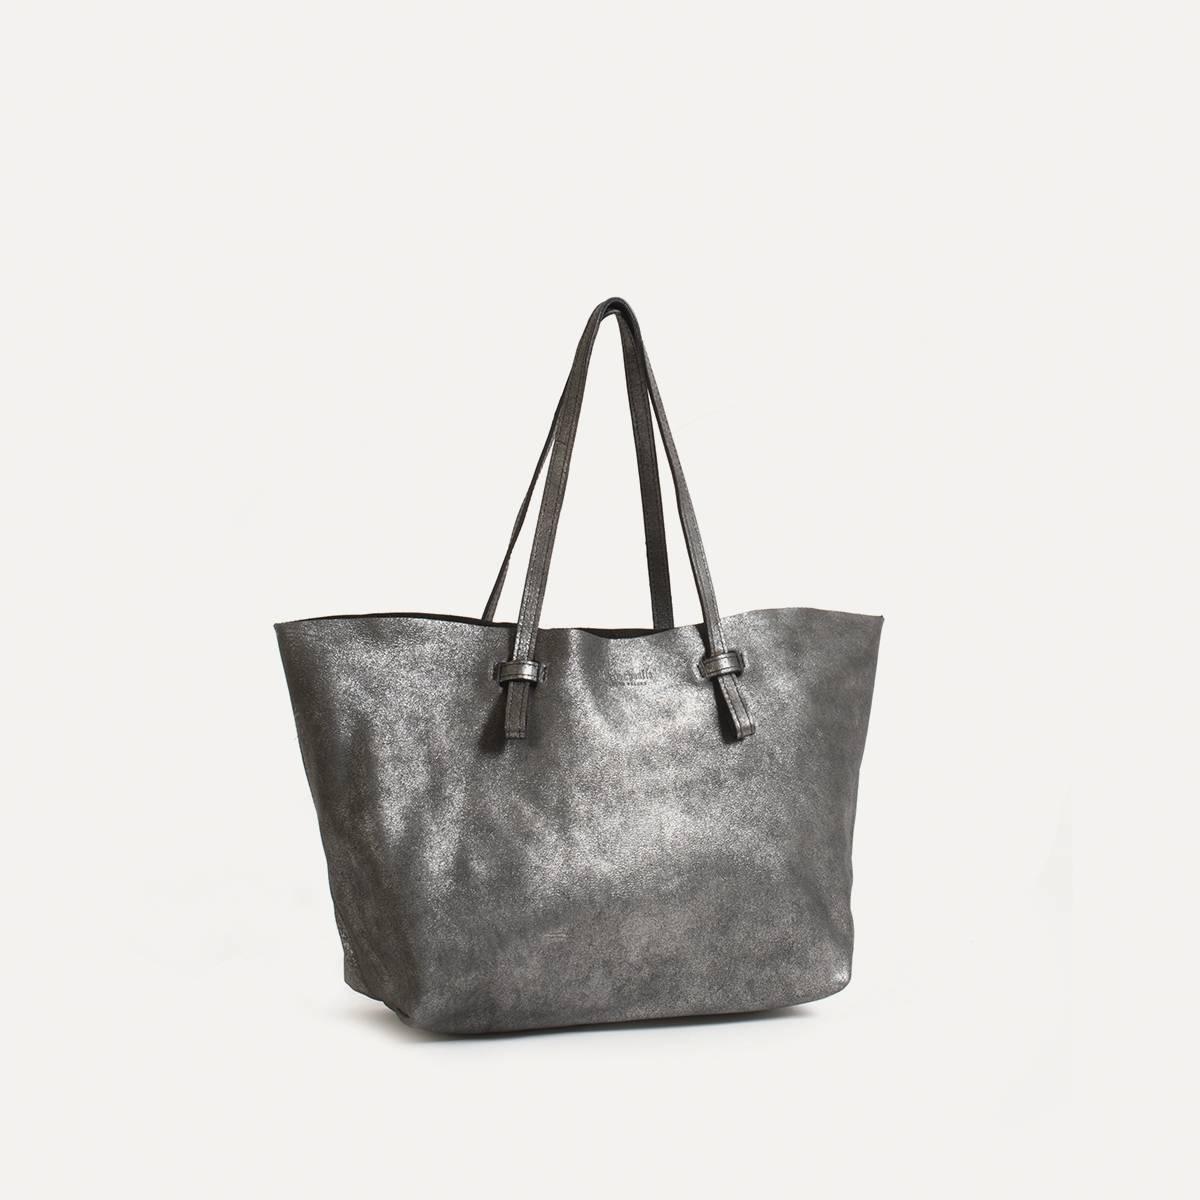 Joy Tote bag S - Fiera Black (image n°2)